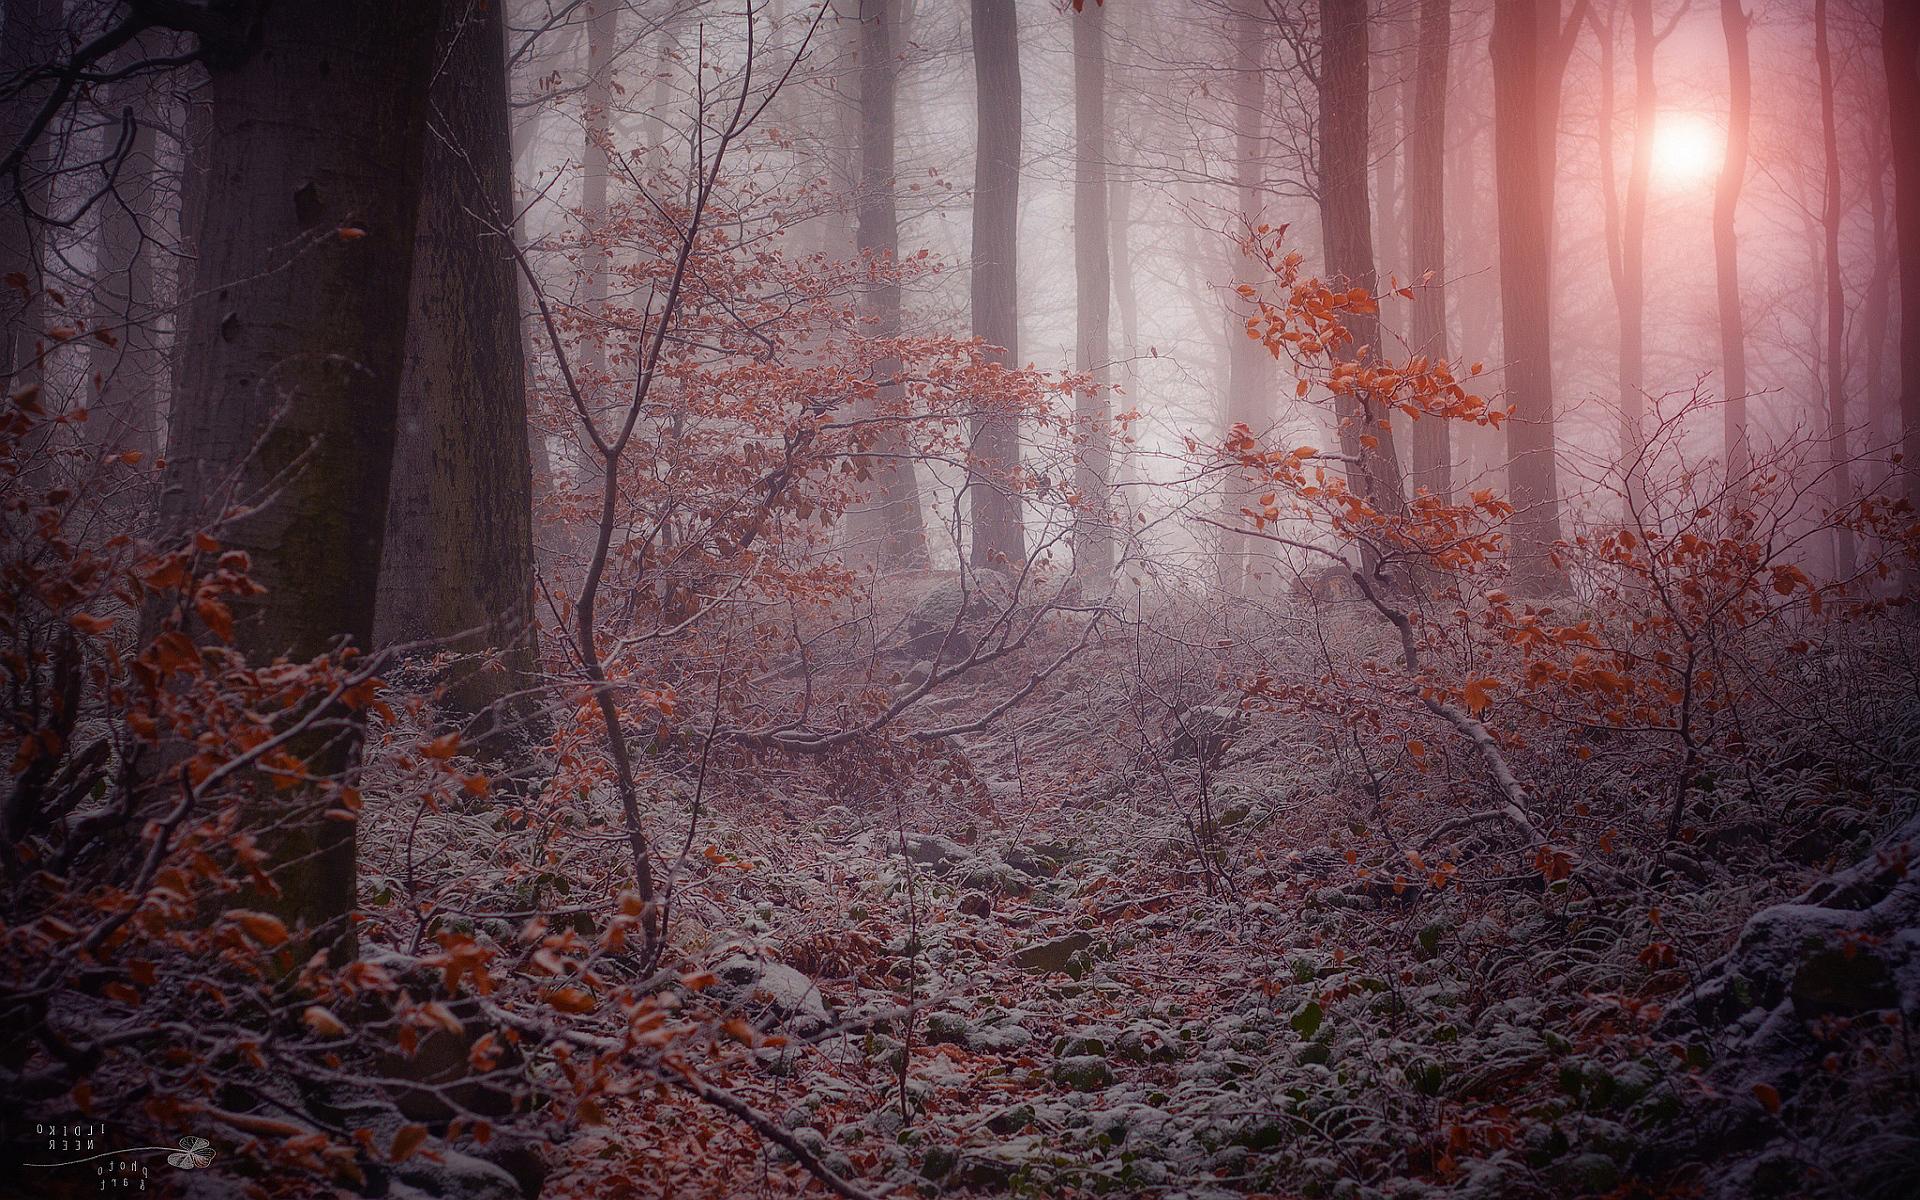 Mystical Fall Desktop Wallpaper Forest Winter Images Hd Desktop Wallpapers 4k Hd